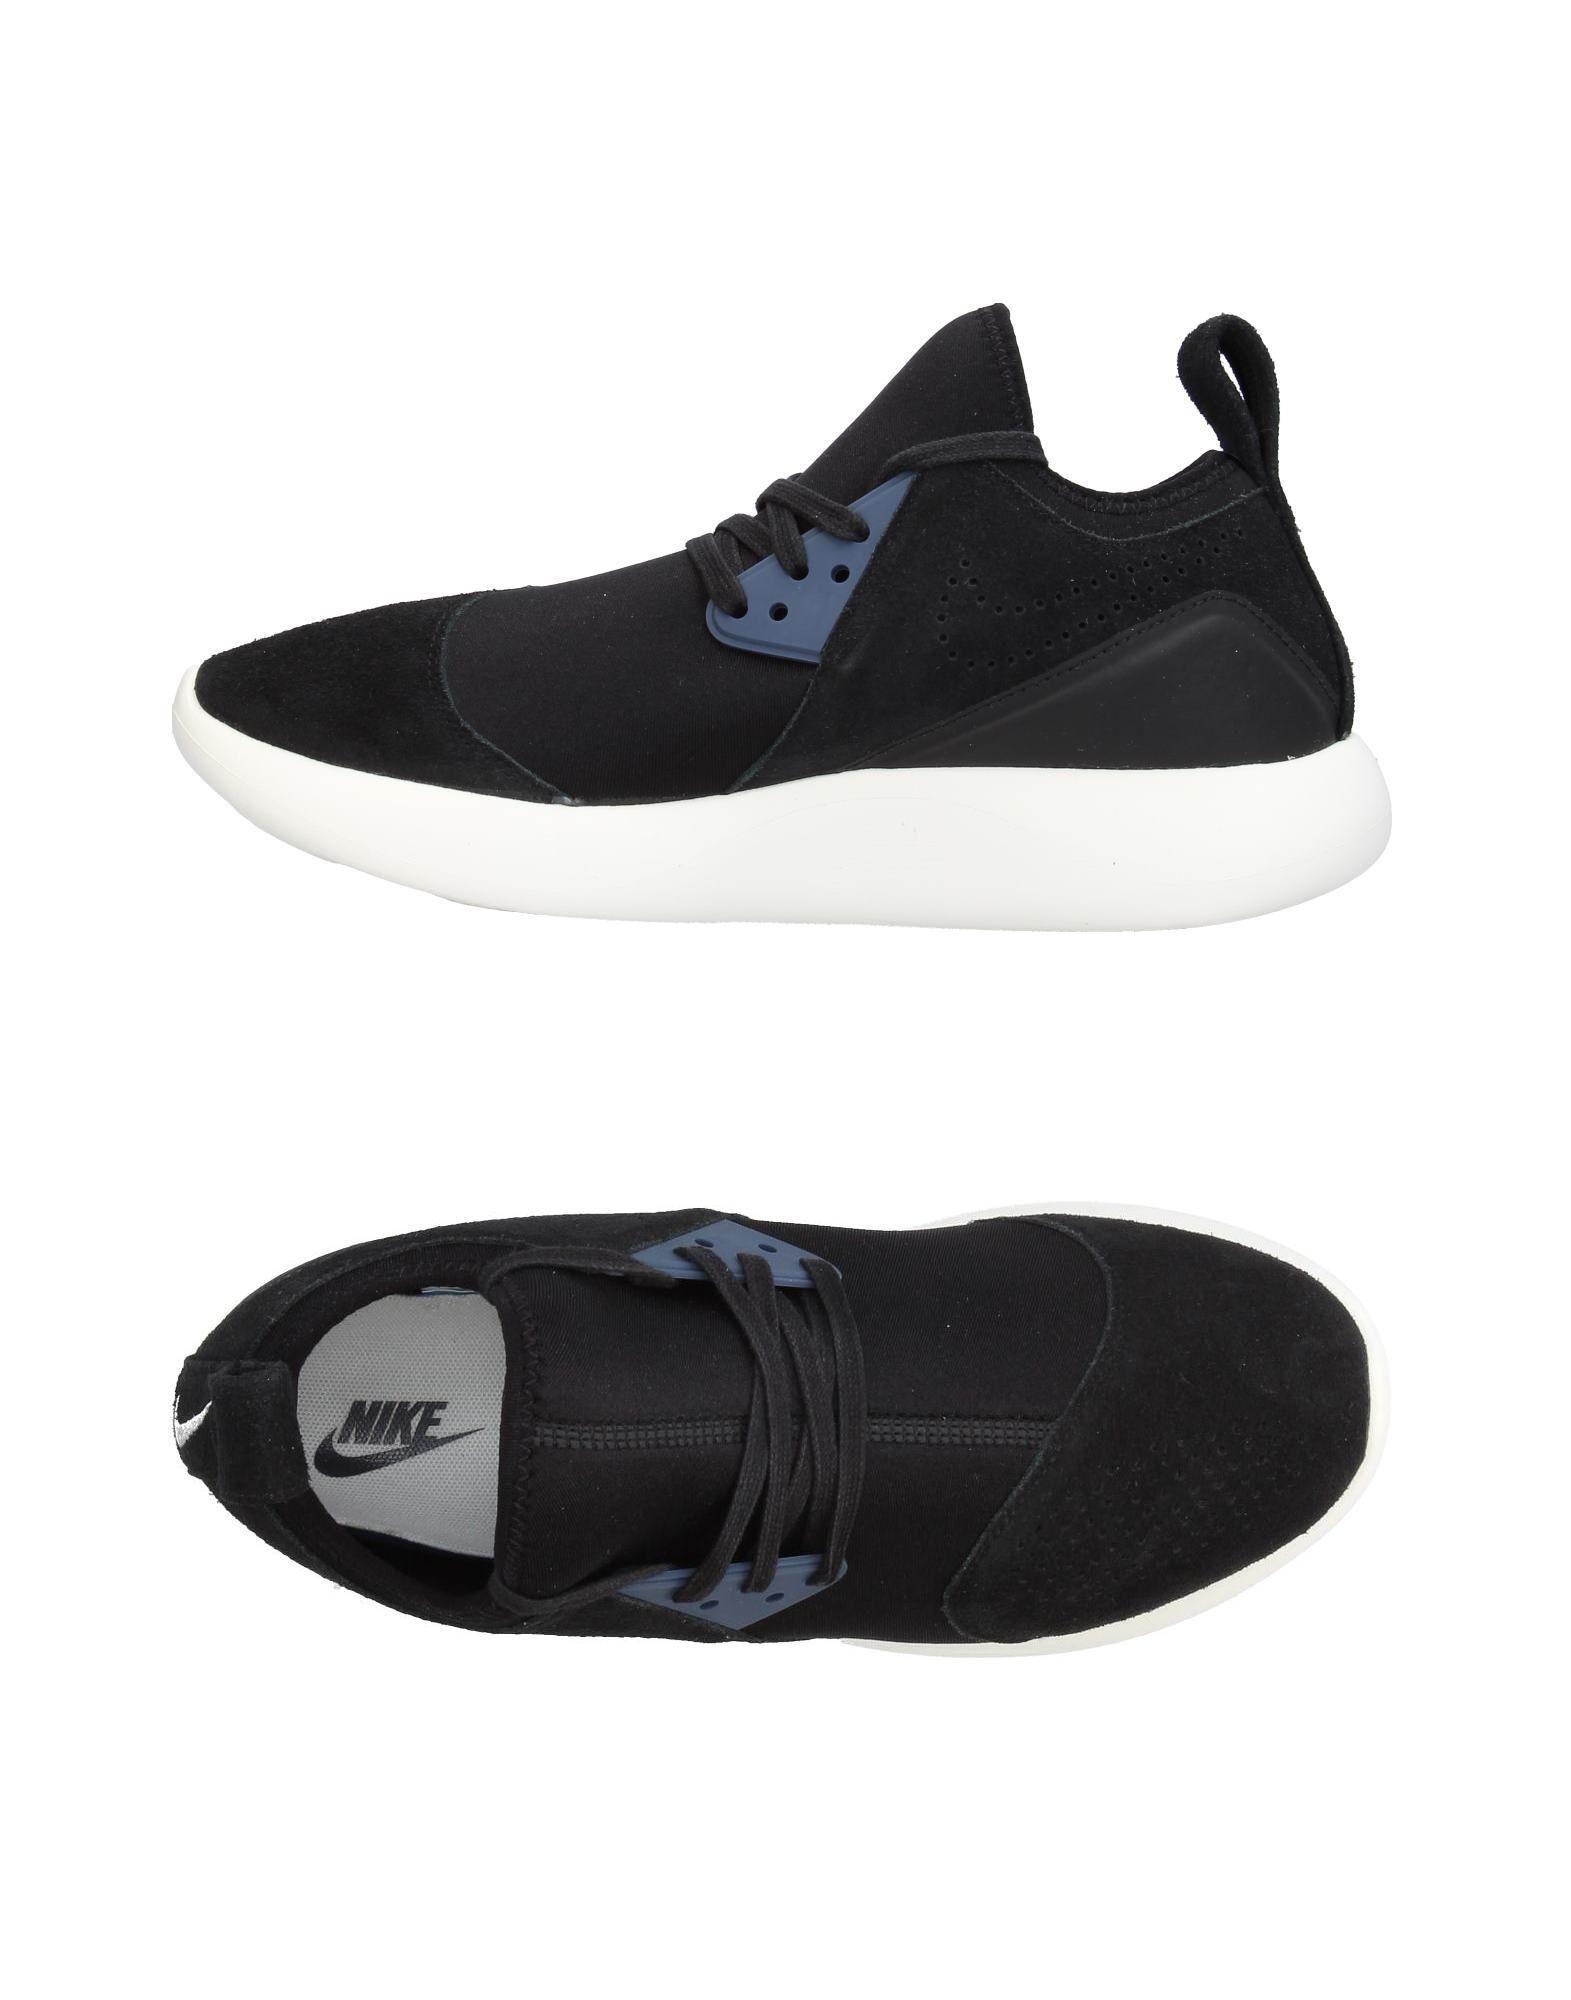 《セール開催中》NIKE メンズ スニーカー&テニスシューズ(ローカット) ブラック 9 紡績繊維 / 革